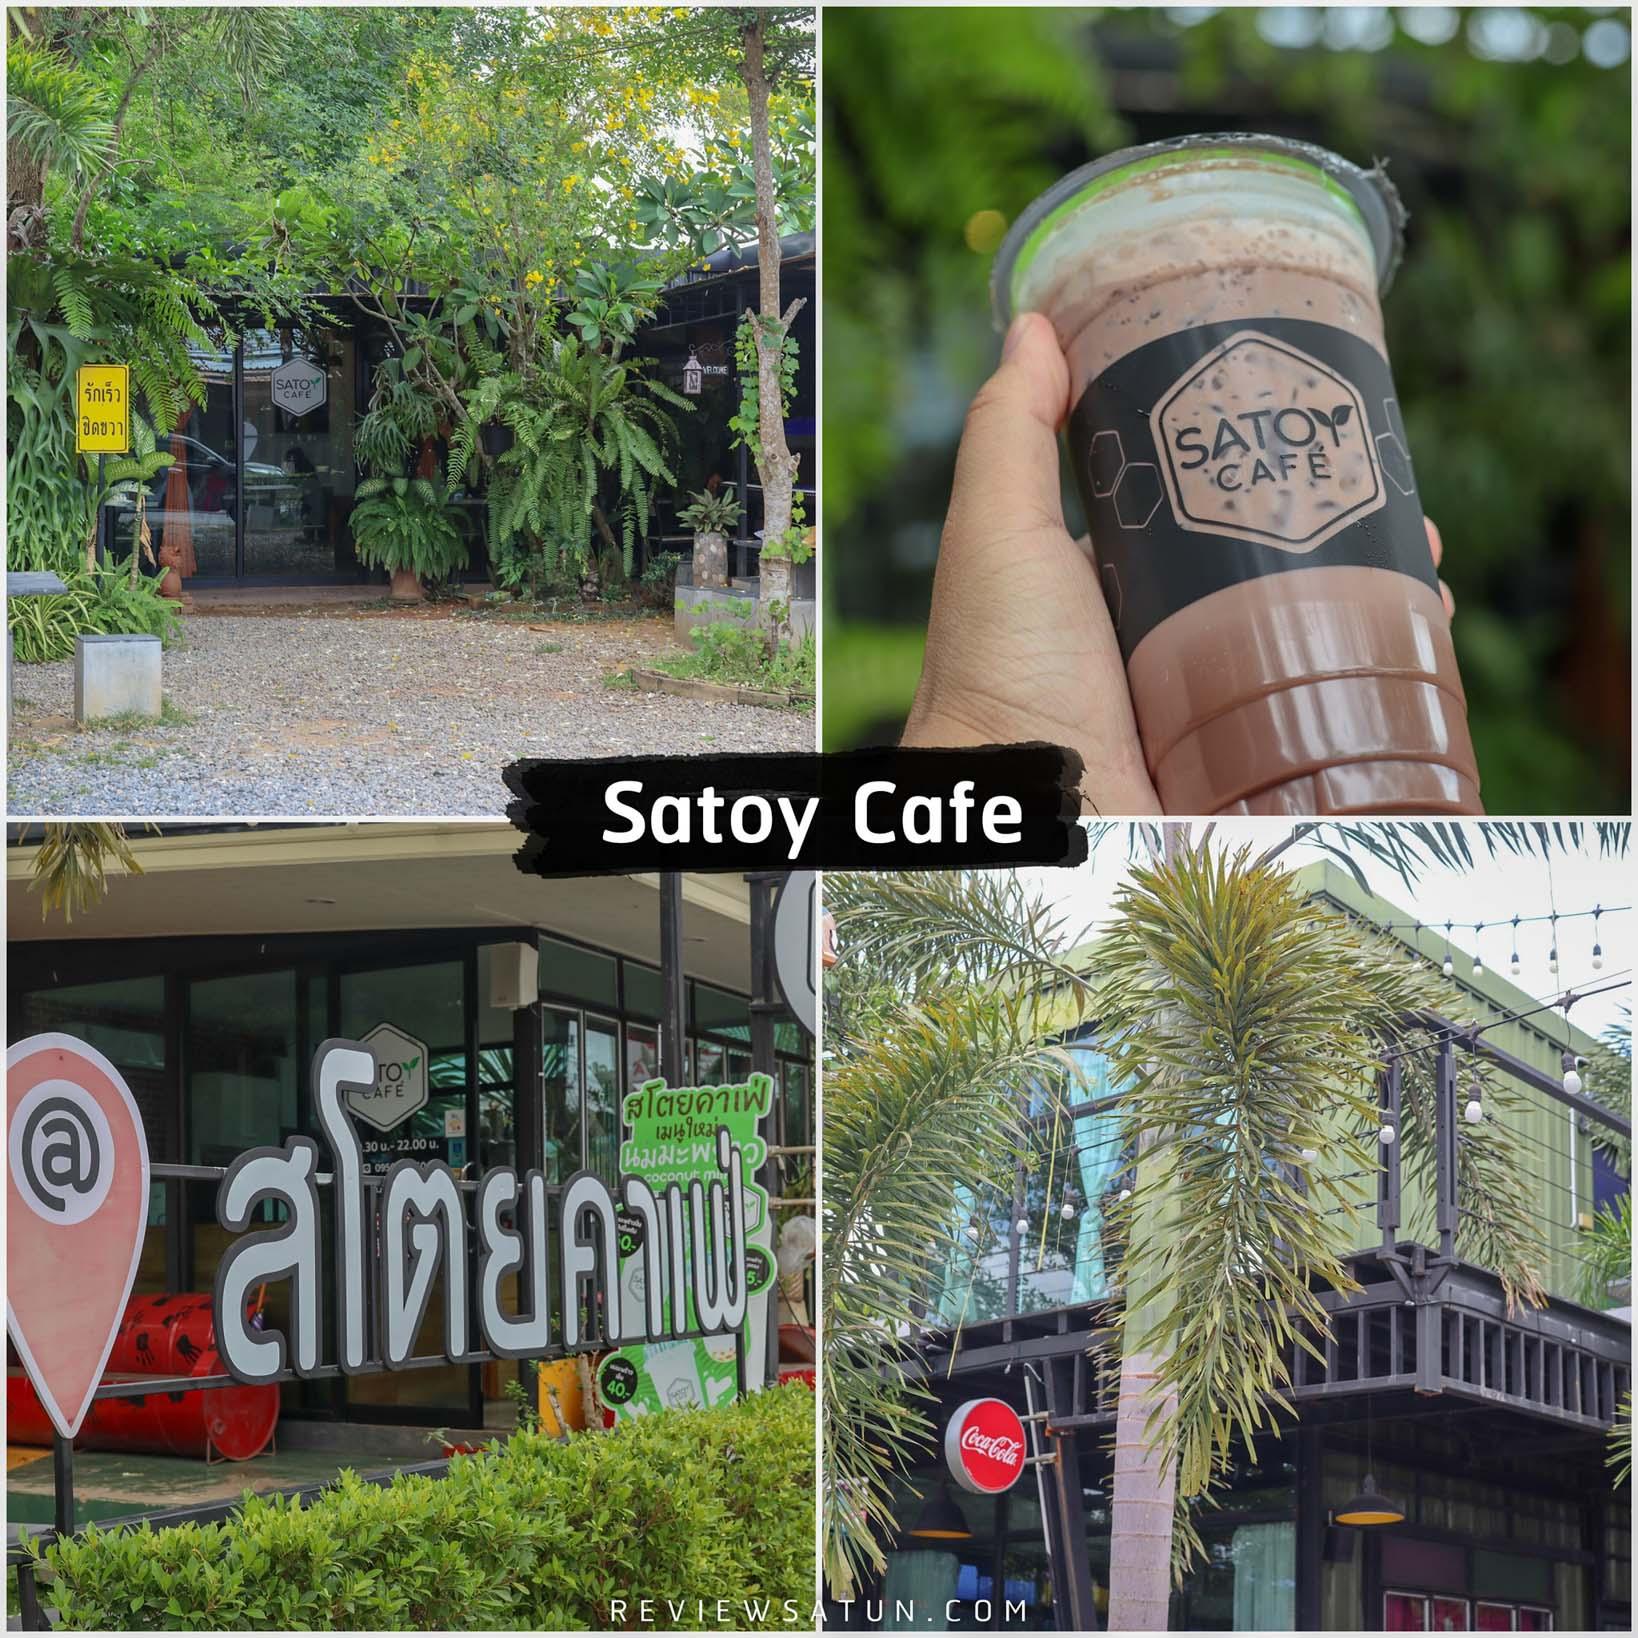 จุดเช็คอินเด็ดๆ Satoy Cafe' คาเฟ่บรรยากาศร้านนั่งสบายๆ เมนูอาหารเยอะมีทั้งสเต็ก สปาเก็ตตี้ ของหวานบิงซู ไอศกรีม กาแฟ บริการดีเยี่ยม 10/10